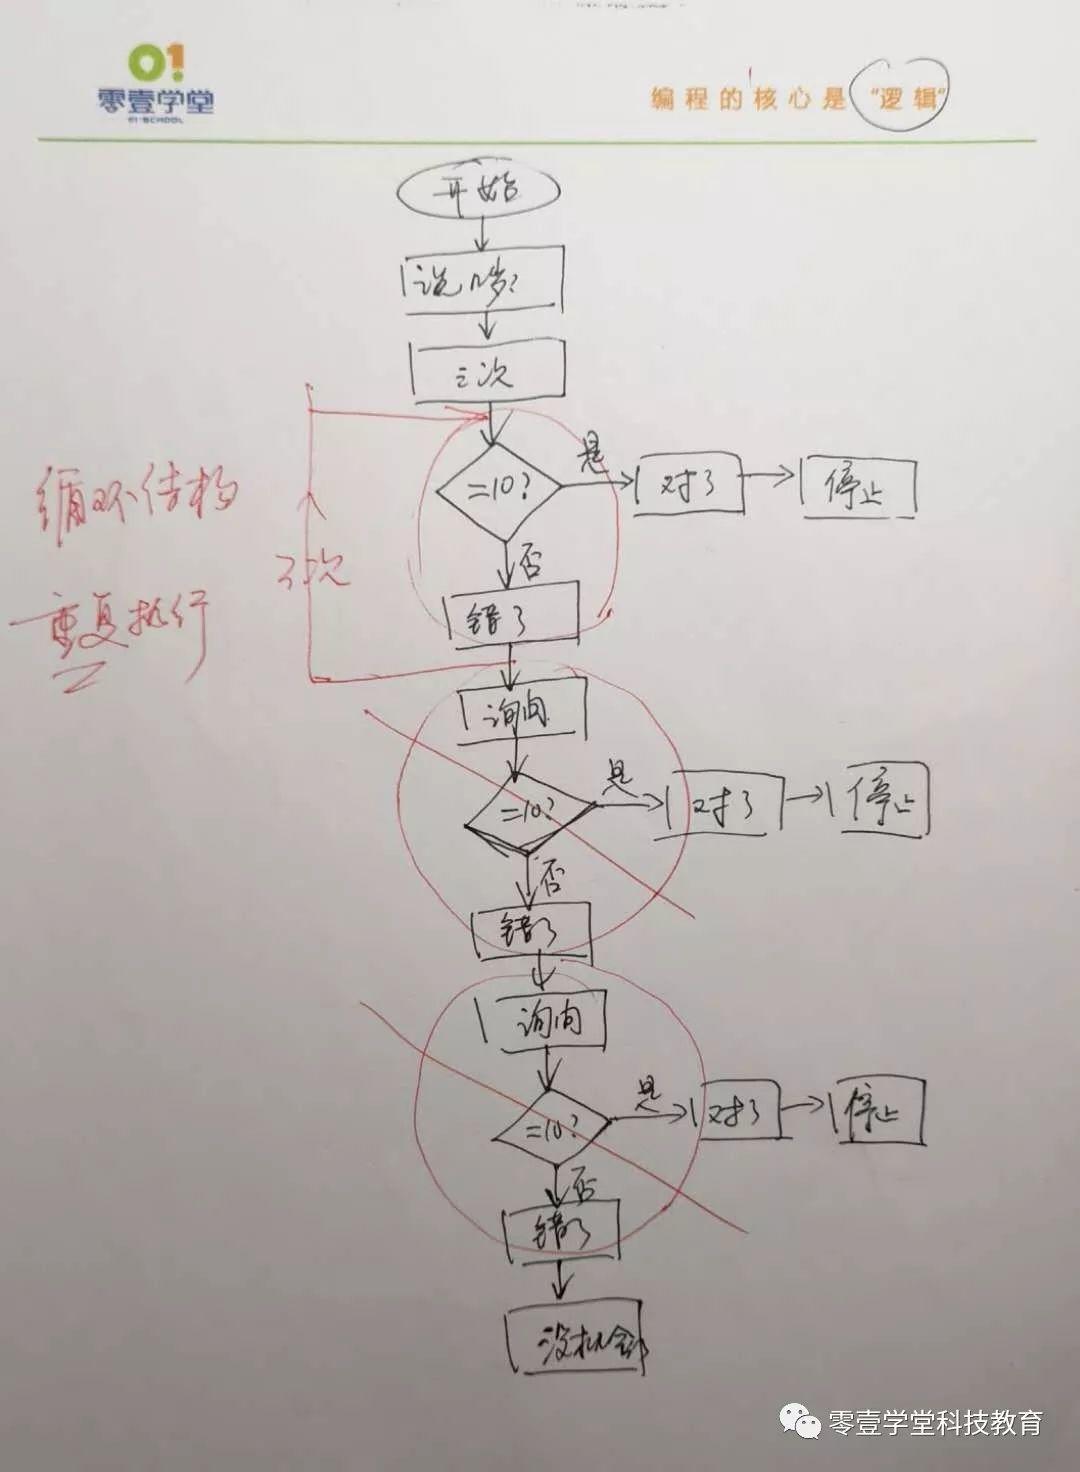 跟我一起学编程—《Scratch编程》第8课:猜年龄